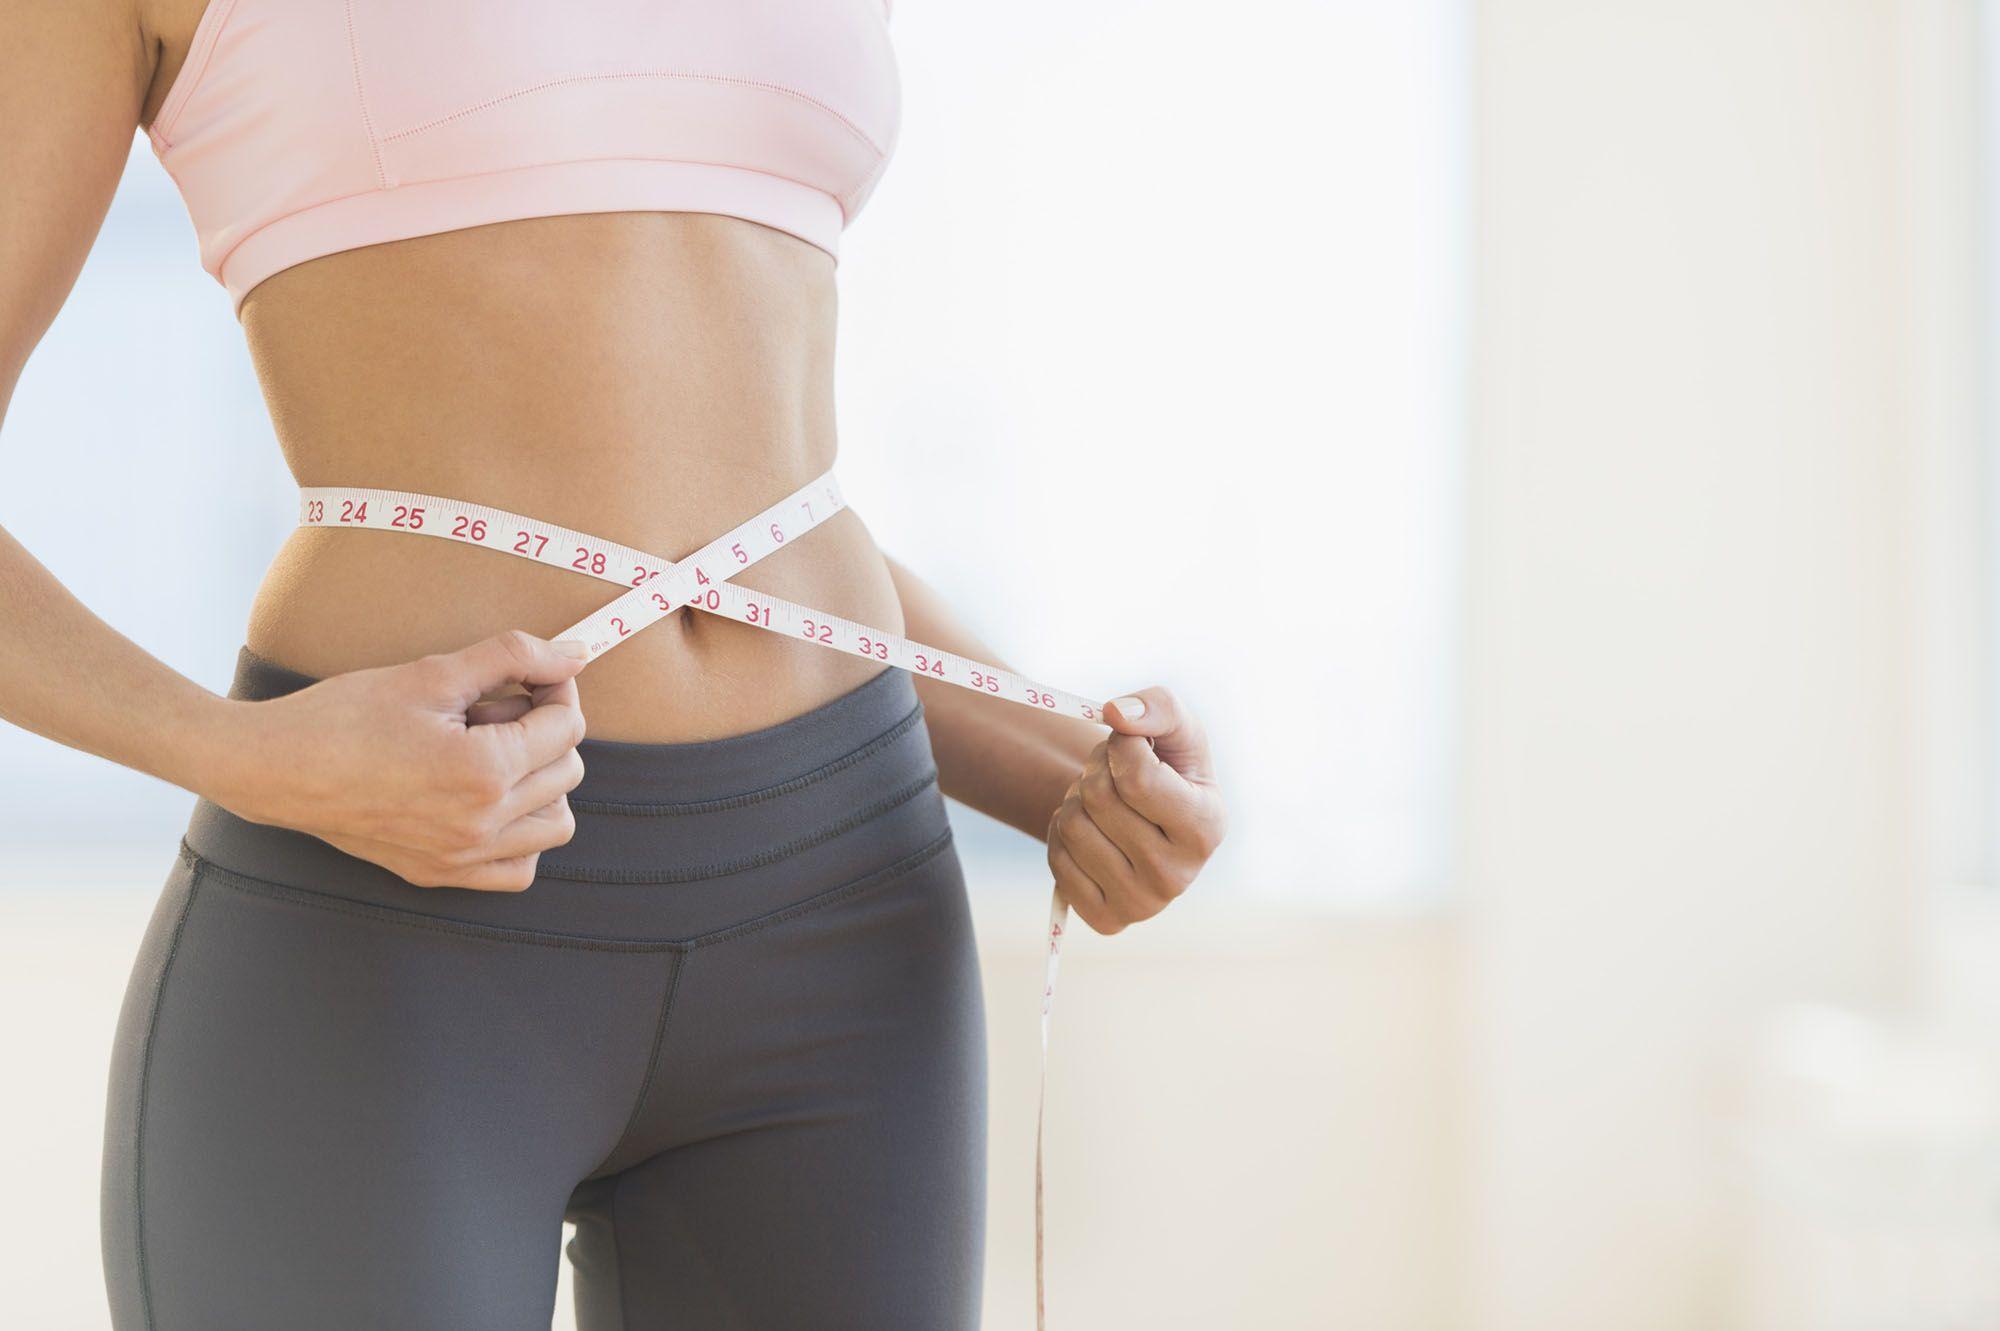 perdita di peso massima 1 settimana 5